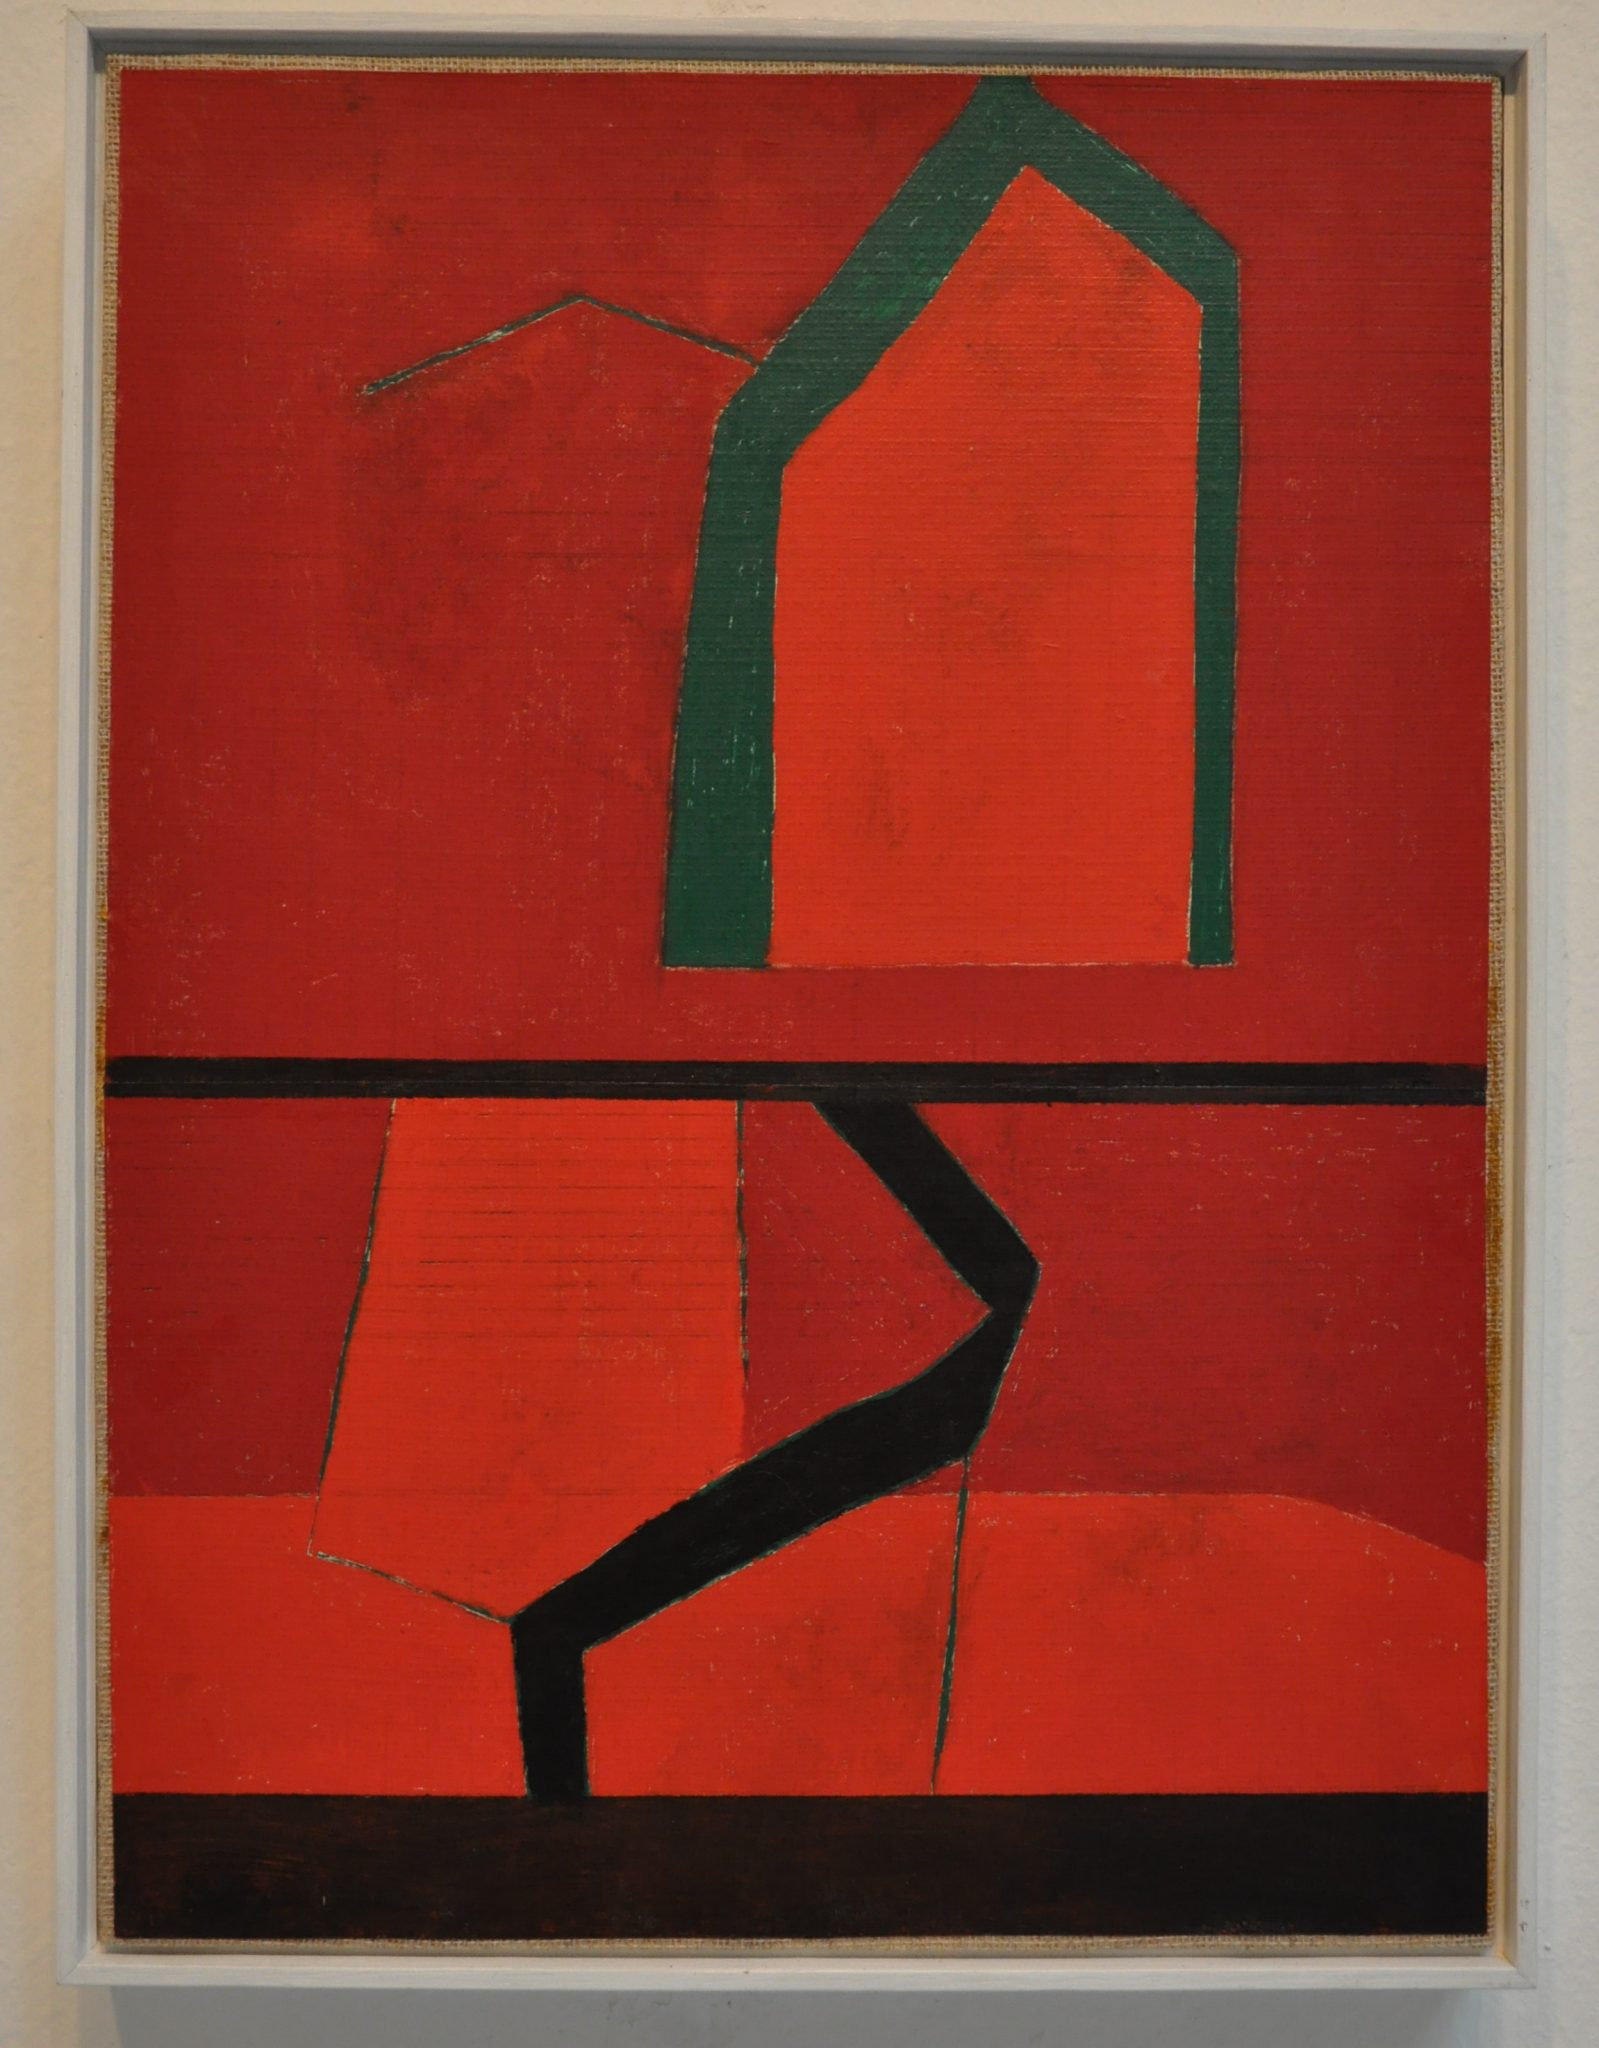 Ricreare-Svelare, la personale di Enrico Della Torre alla Galleria Cortina di Milano